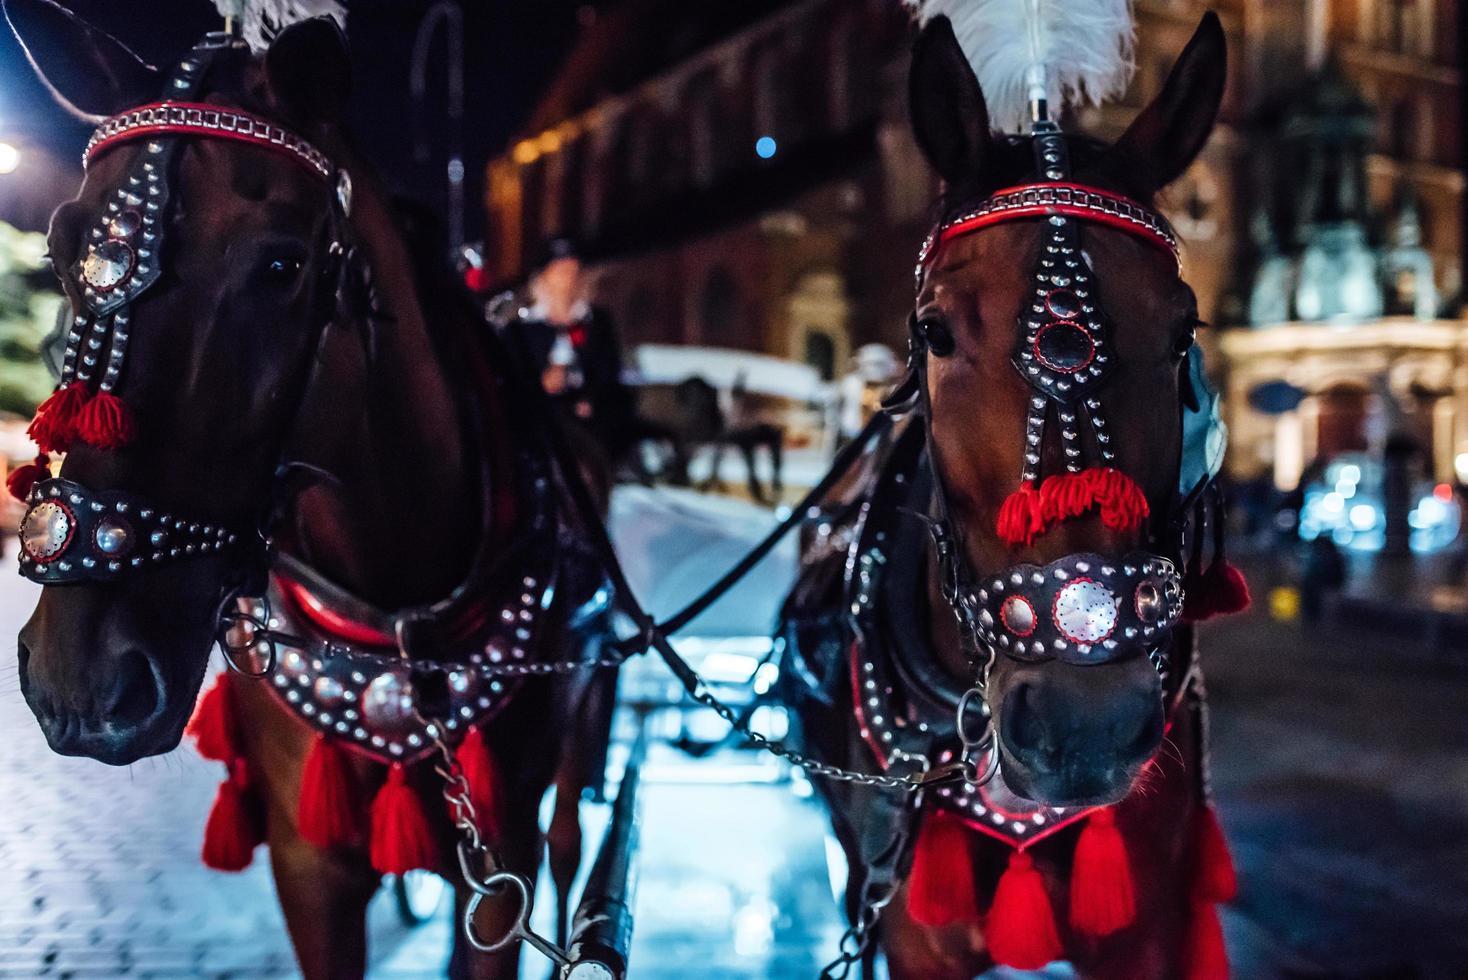 Cracovie, Pologne 2017- la vieille place de la nuit à Cracovie avec des calèches photo